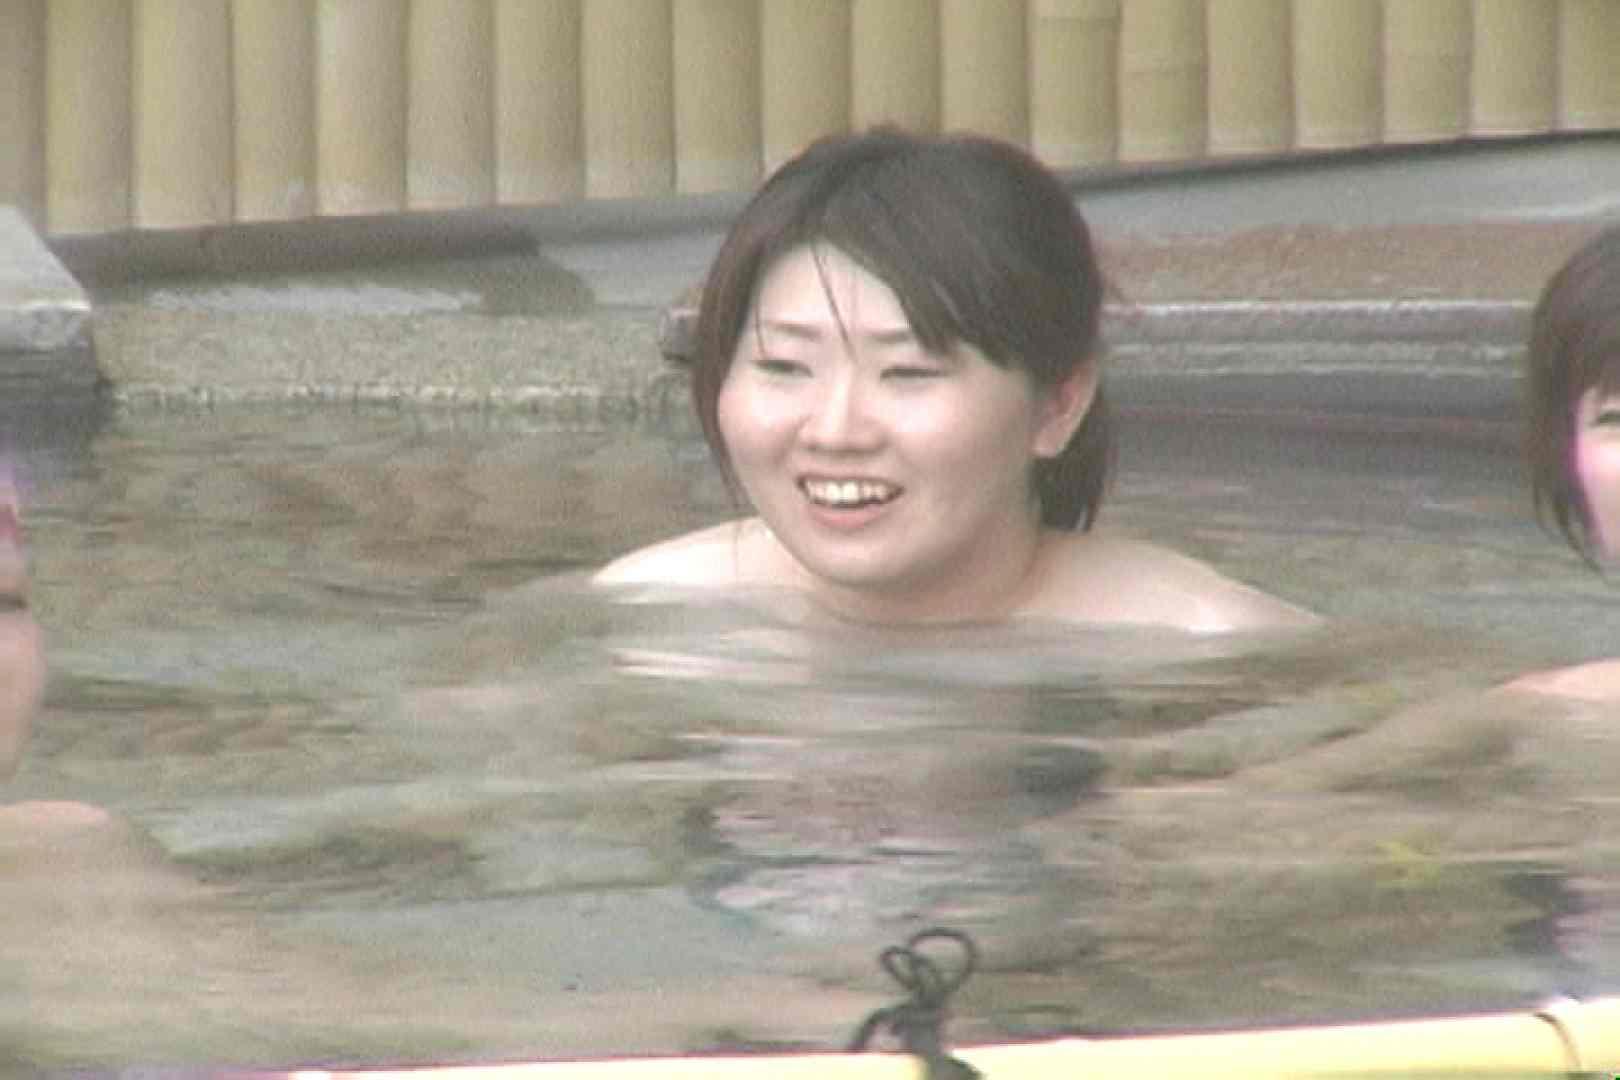 Aquaな露天風呂Vol.25 露天   盗撮特集  106画像 106